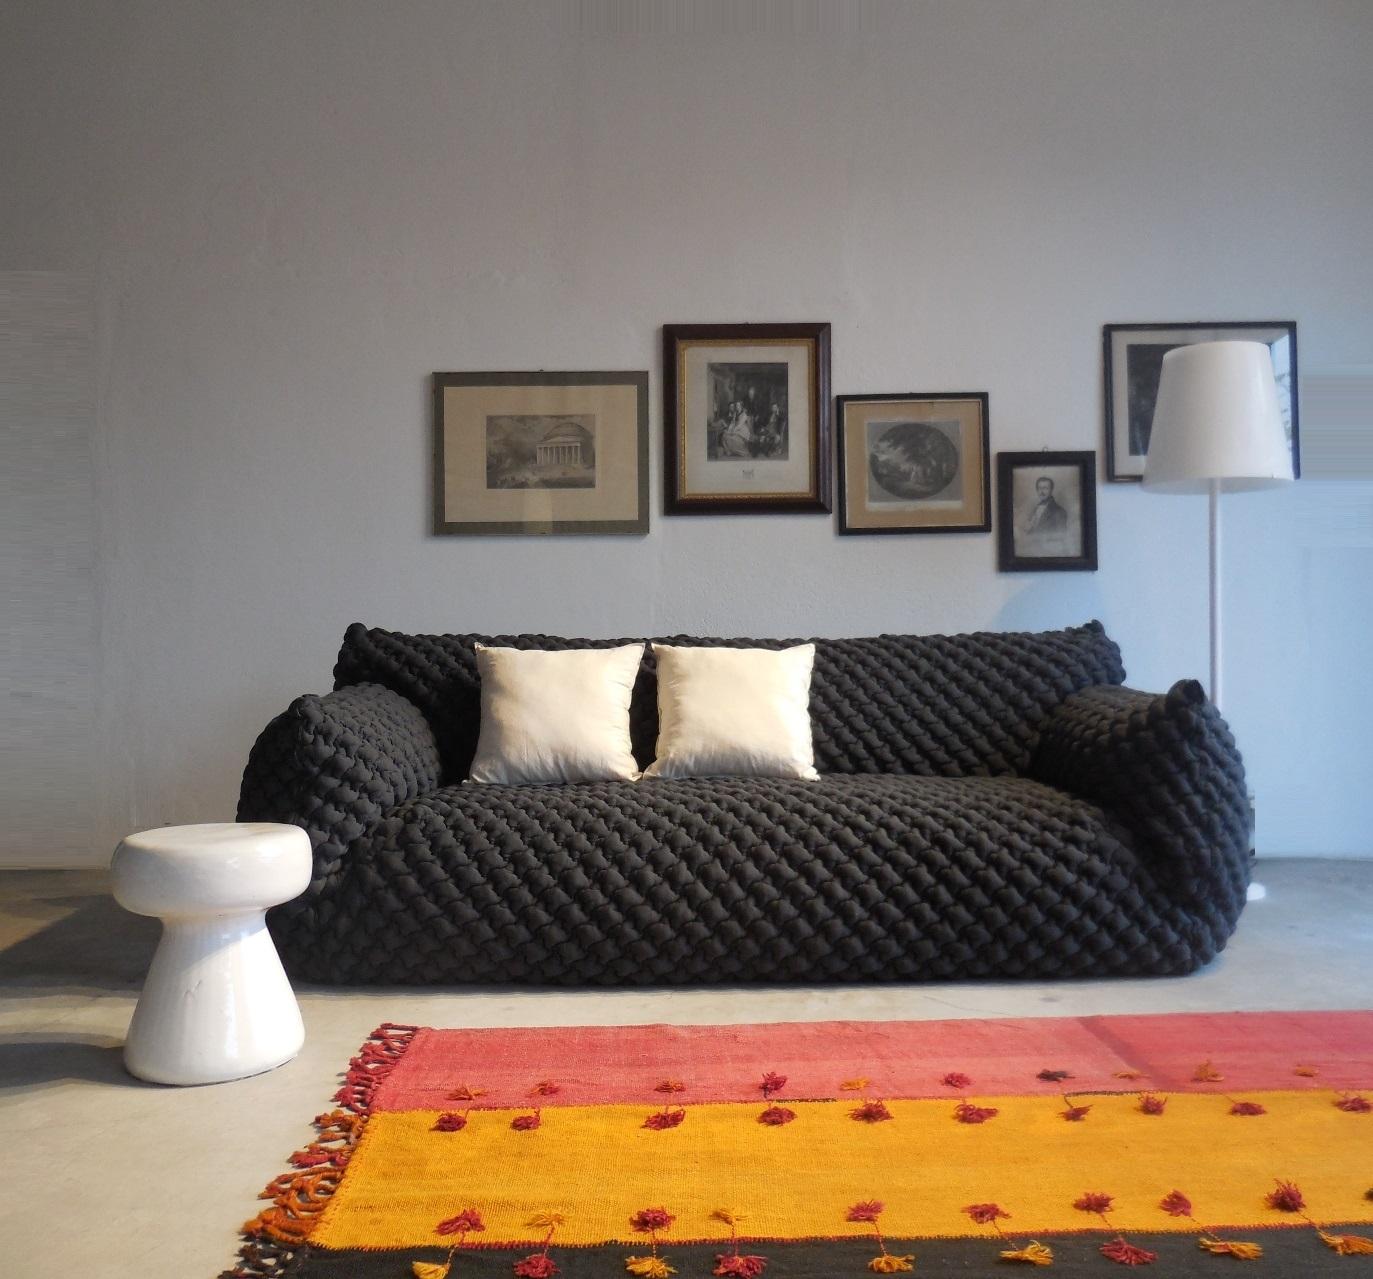 Divano gervasoni divano nuvola gervasoni vendita online - Gervasoni divano letto ...